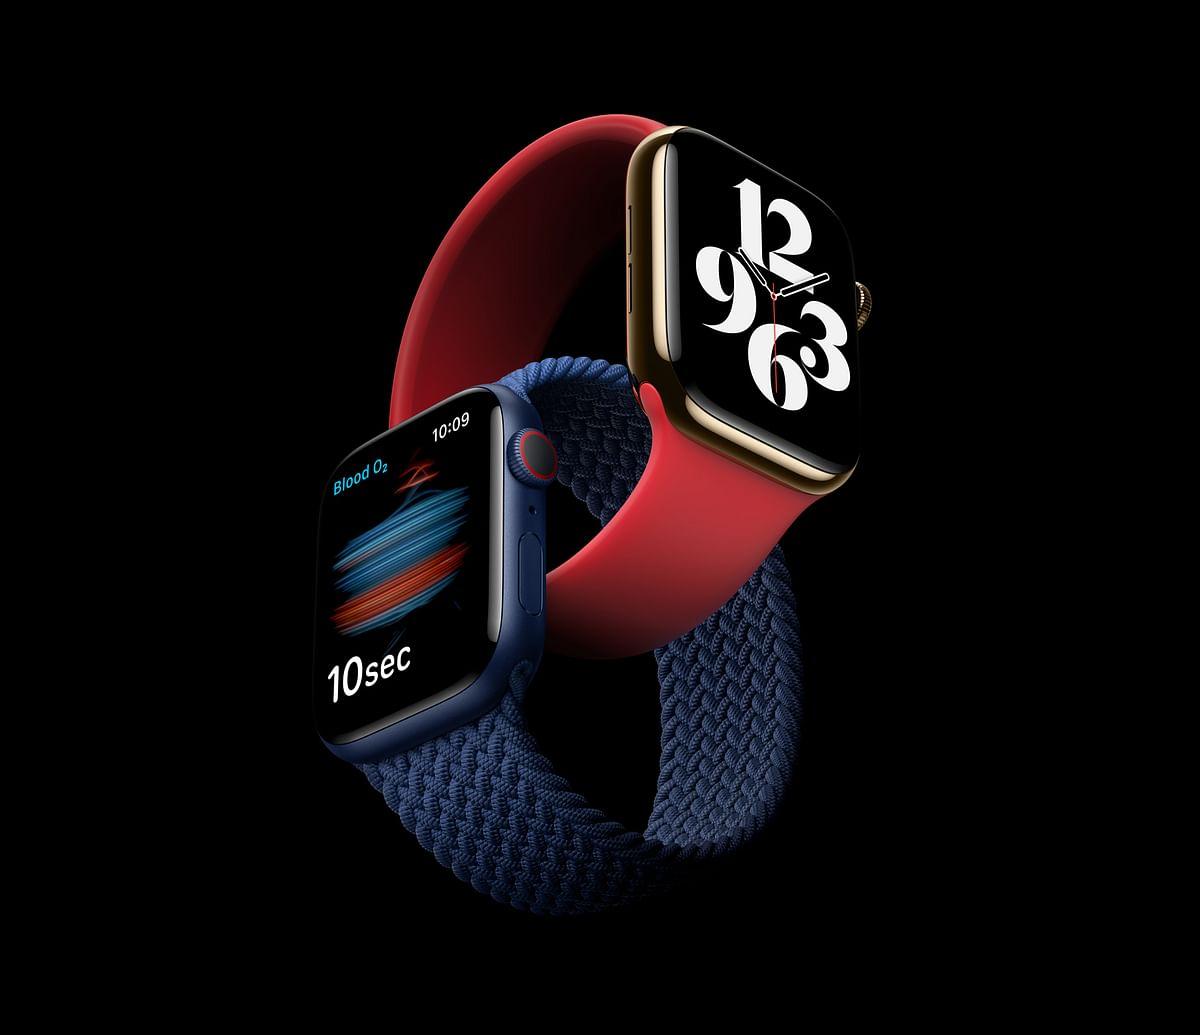 ஆப்பிள் வாட்ச் சீரிஸ் 6| Apple Watch Series 6